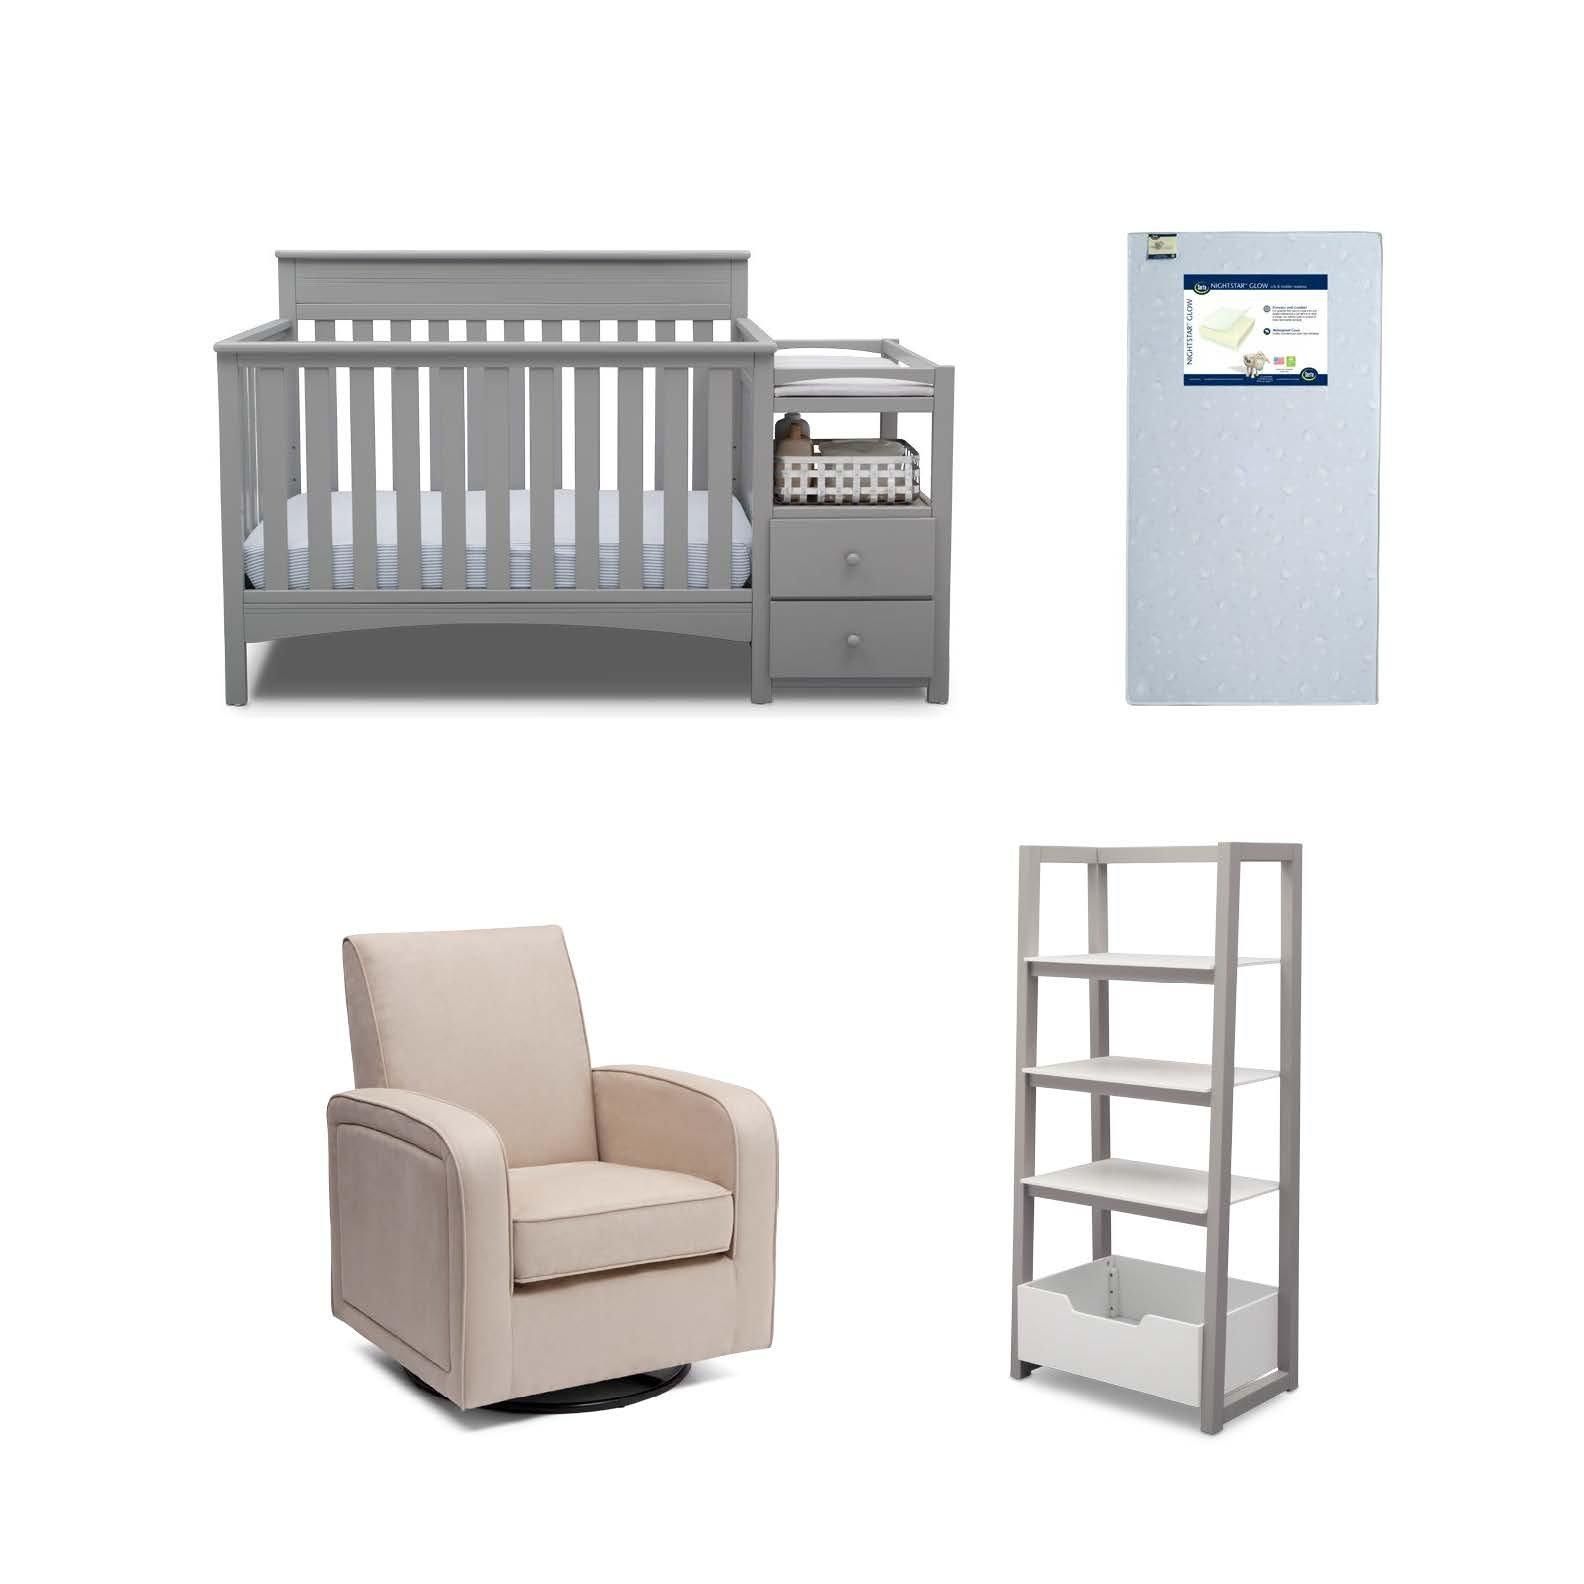 Delta Children Presley 4-Piece Nursery Furniture Set (Convertible Crib N Changer, Ladder Shelf, Glider, Crib Mattress), Grey